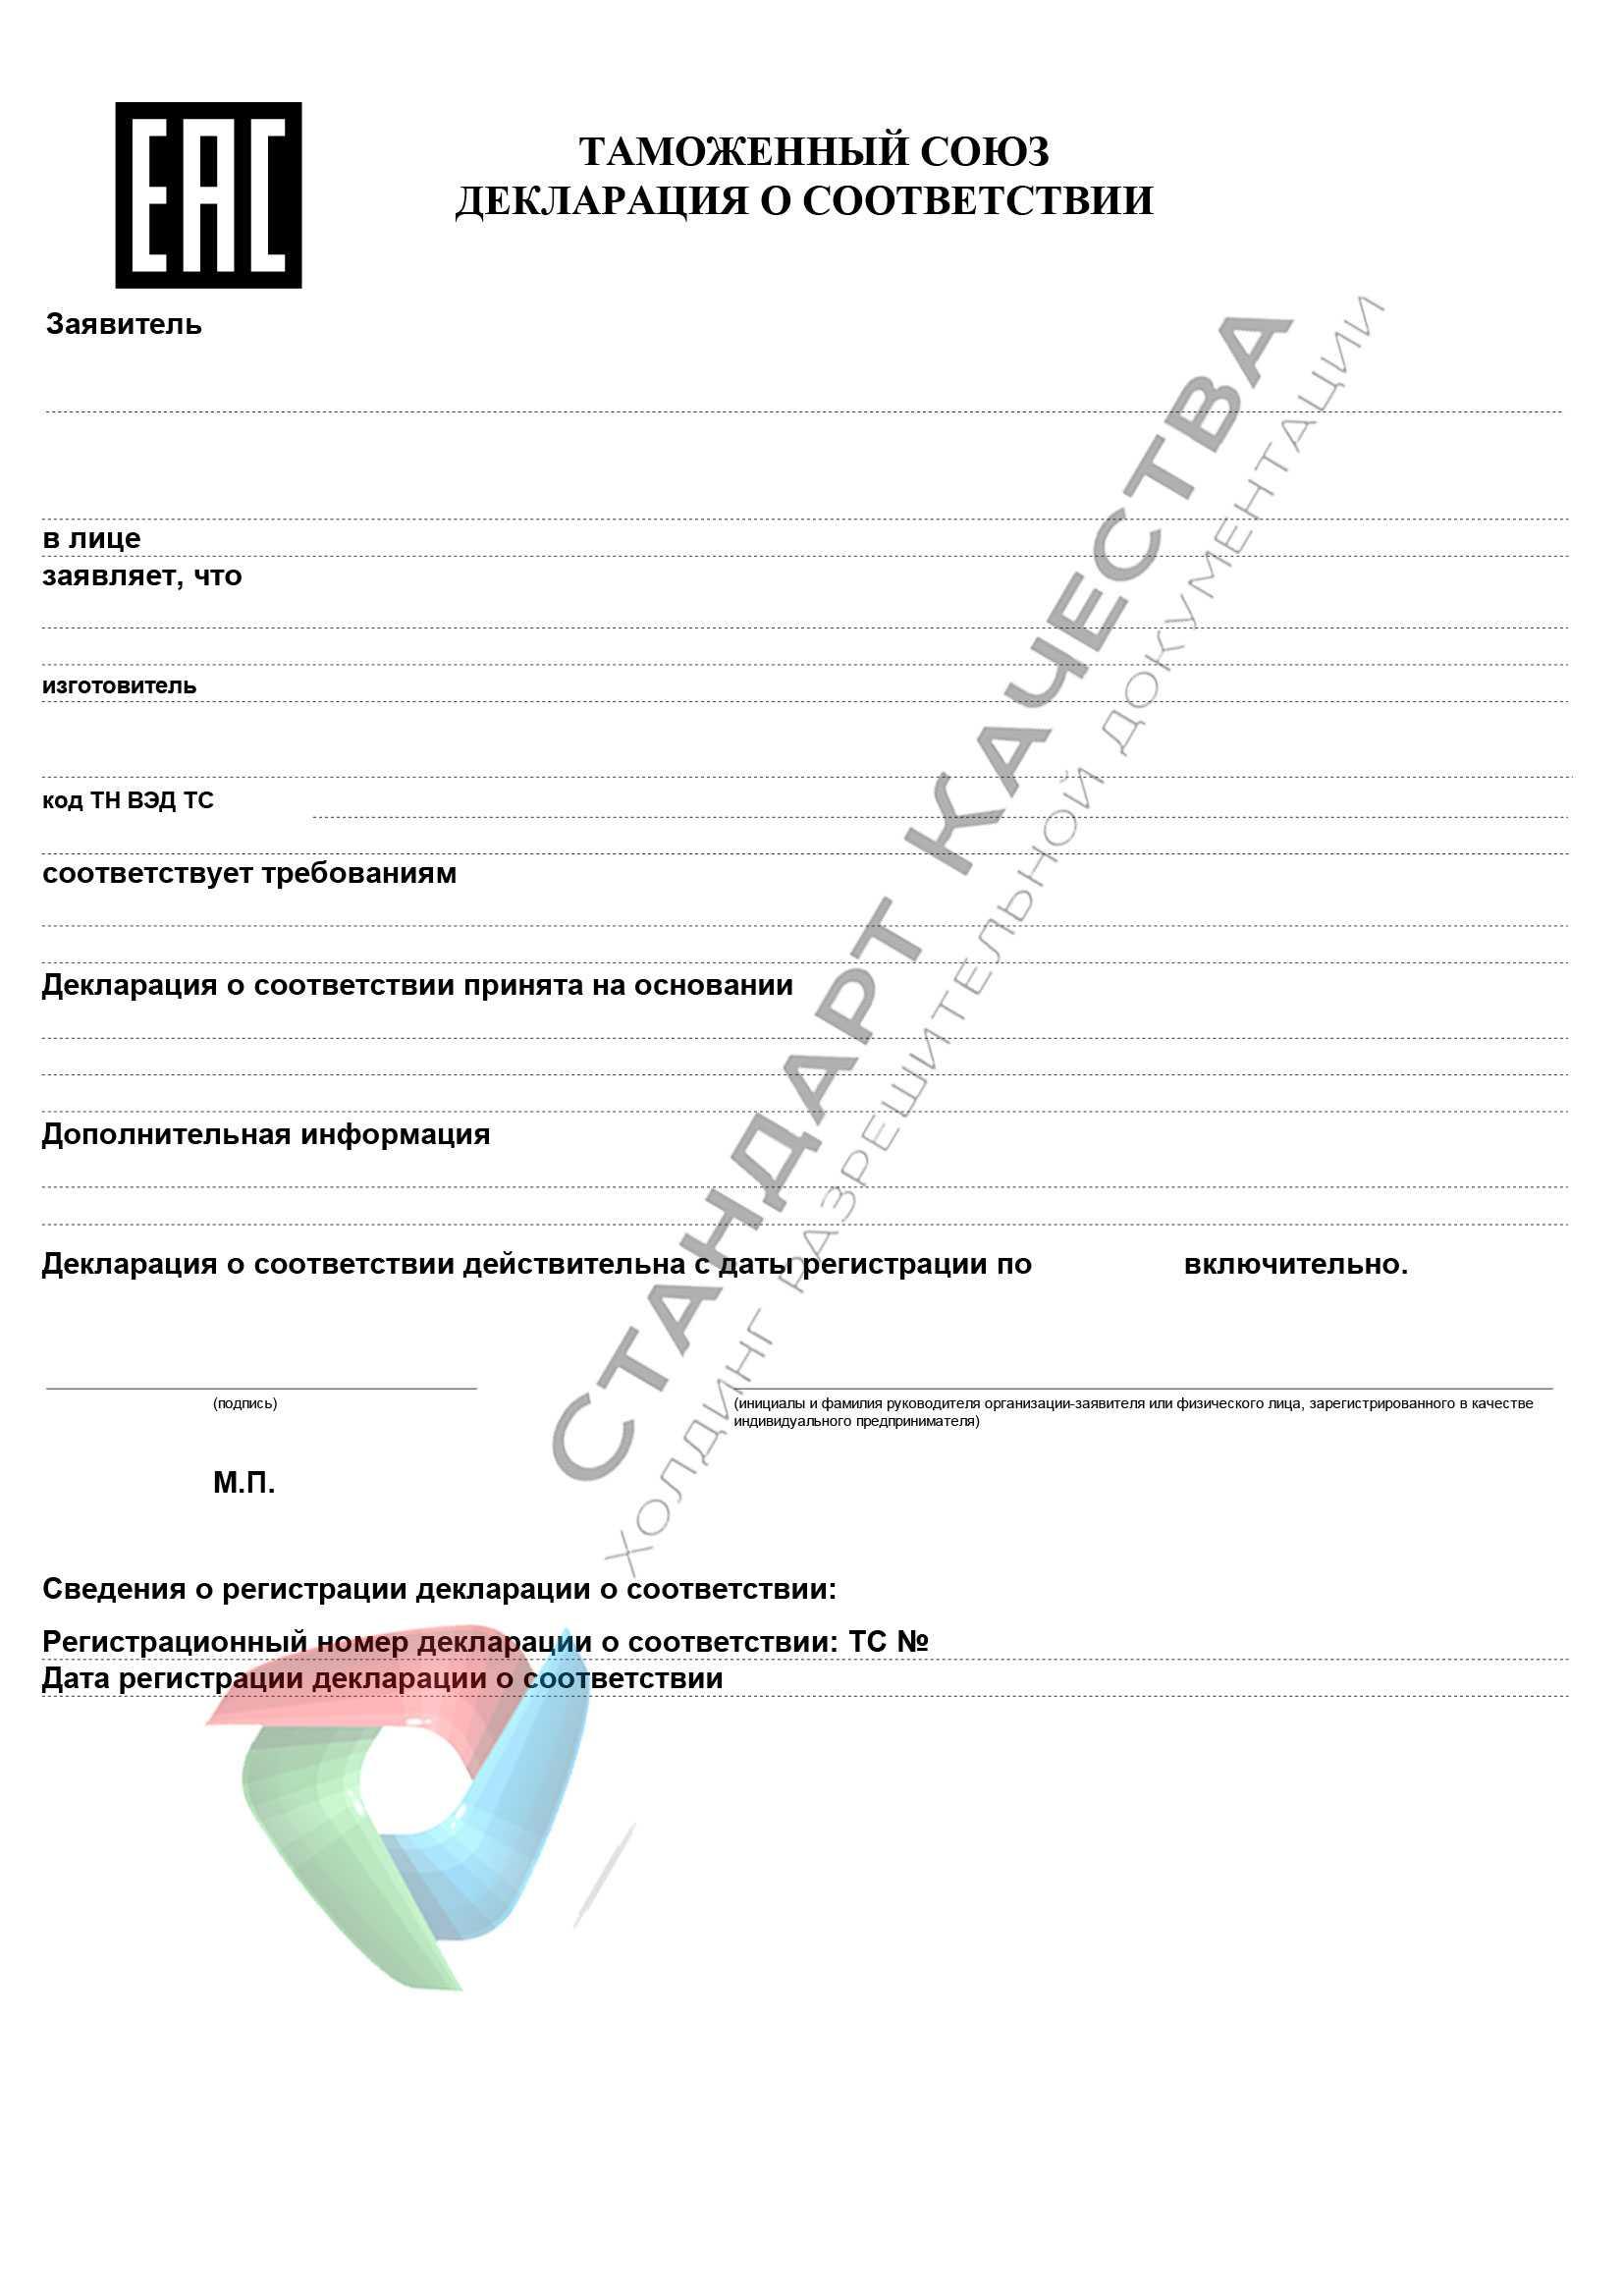 Сертификация импортных продуктов питания молоко добровольная сертификация услуг по то и ремонту амтс